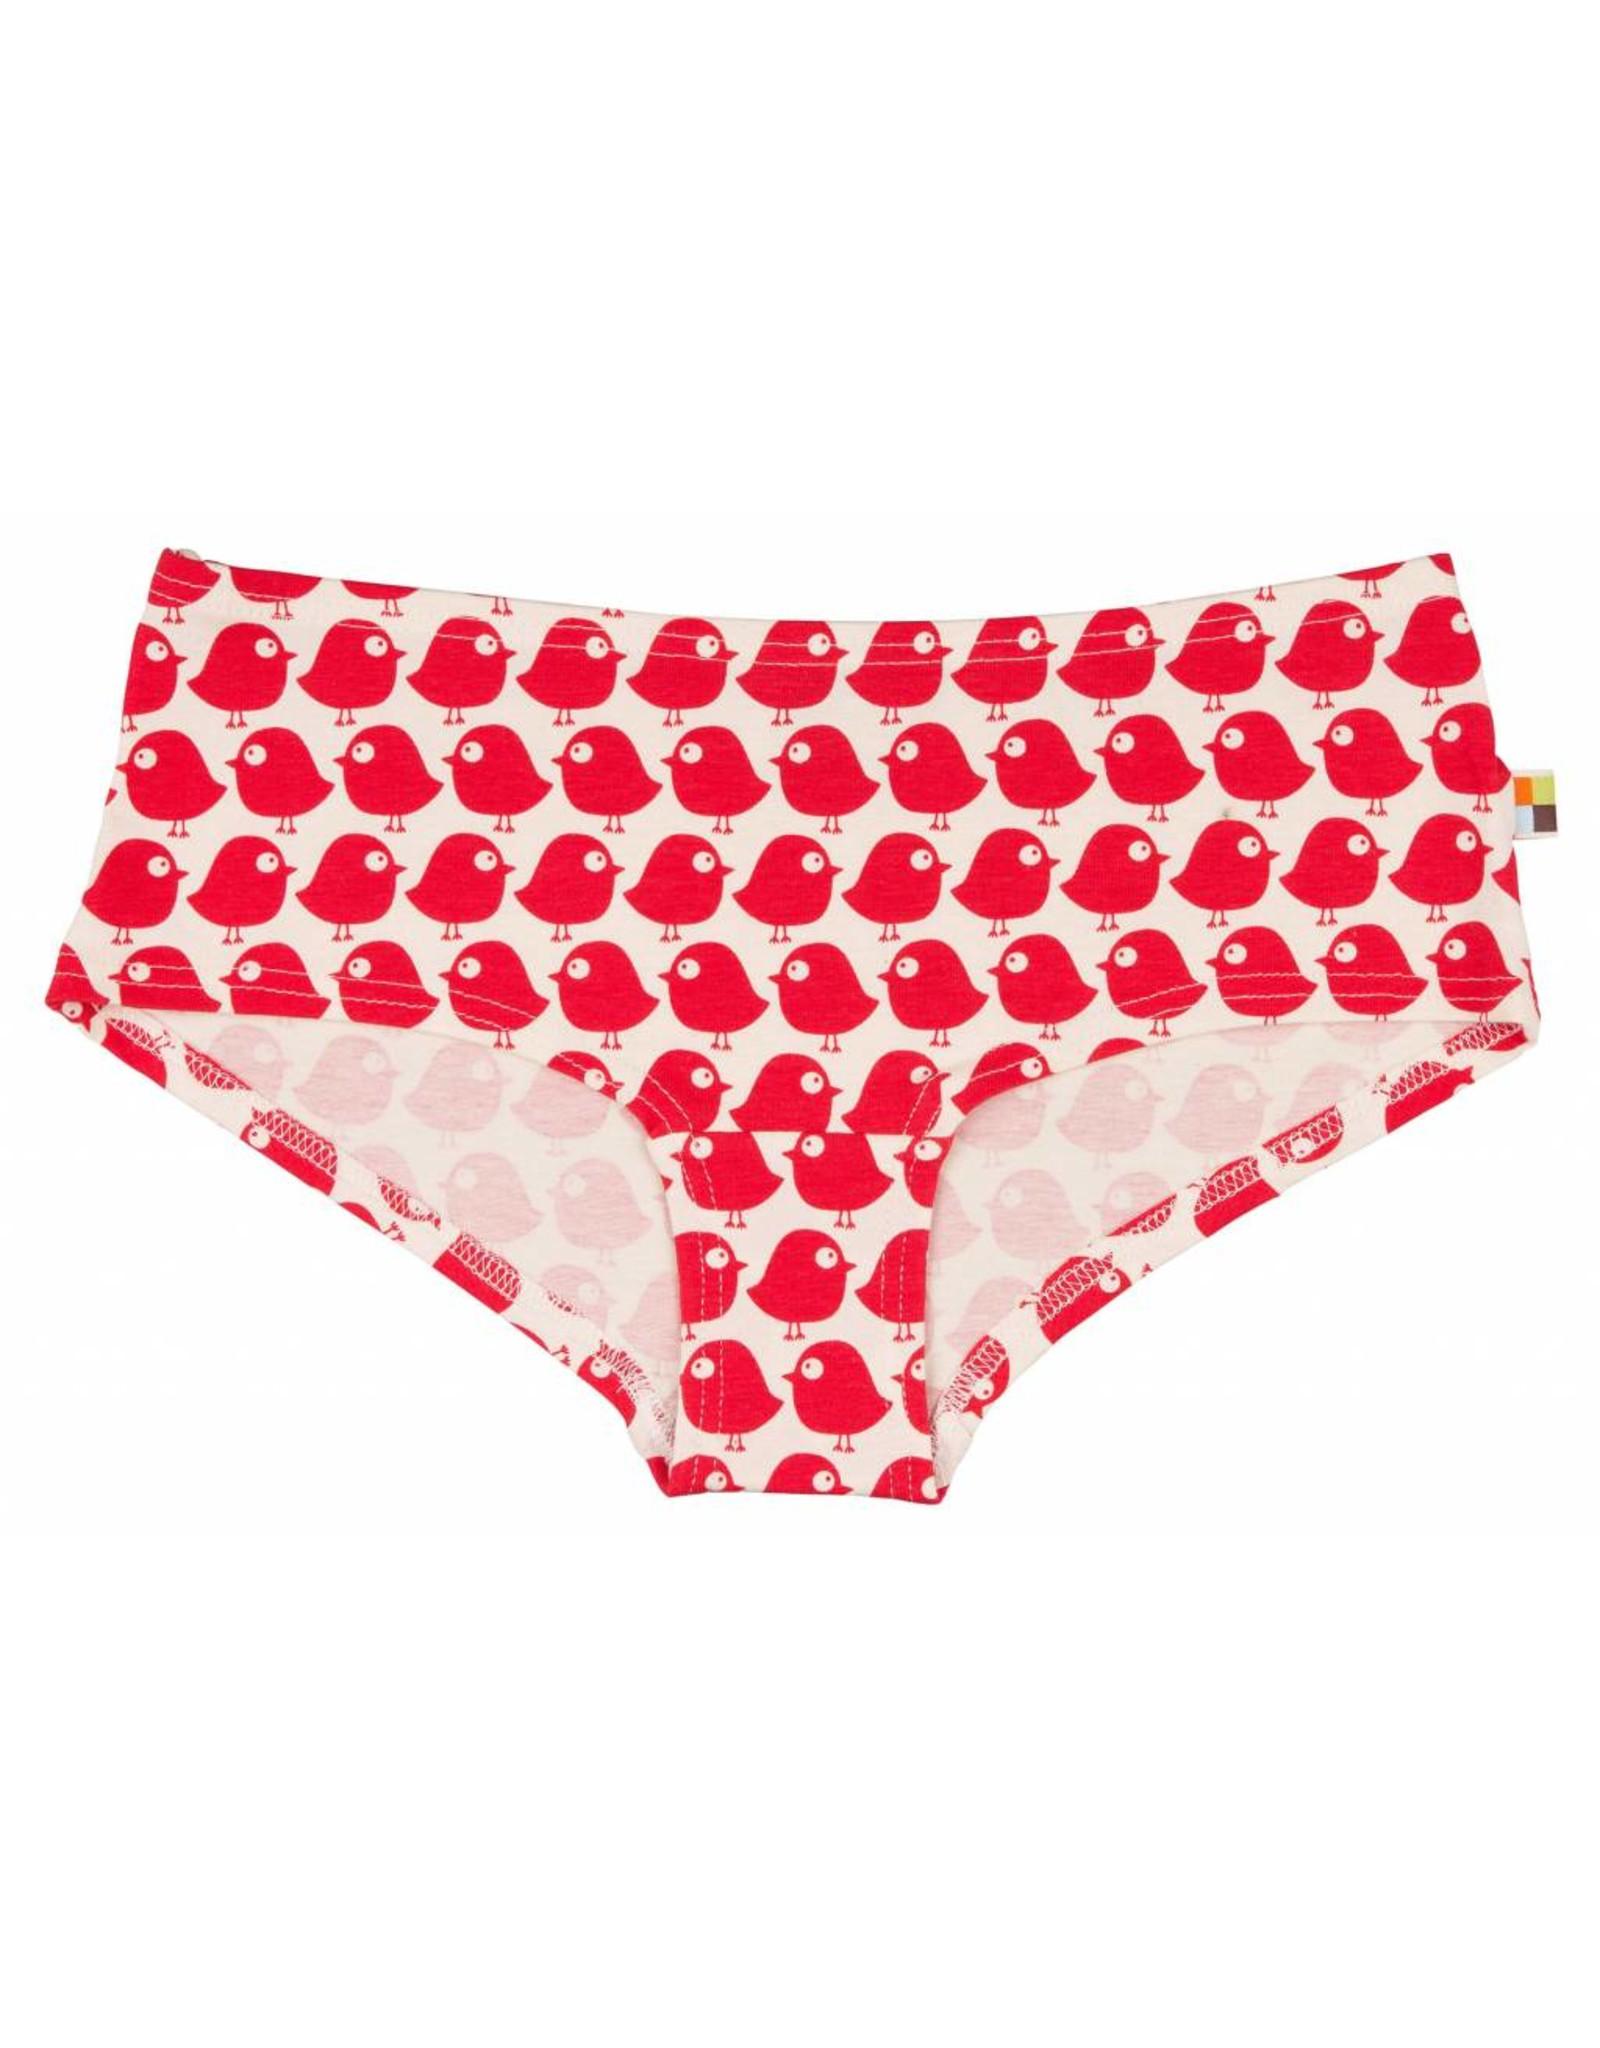 loud+proud Ladies panties - red birds